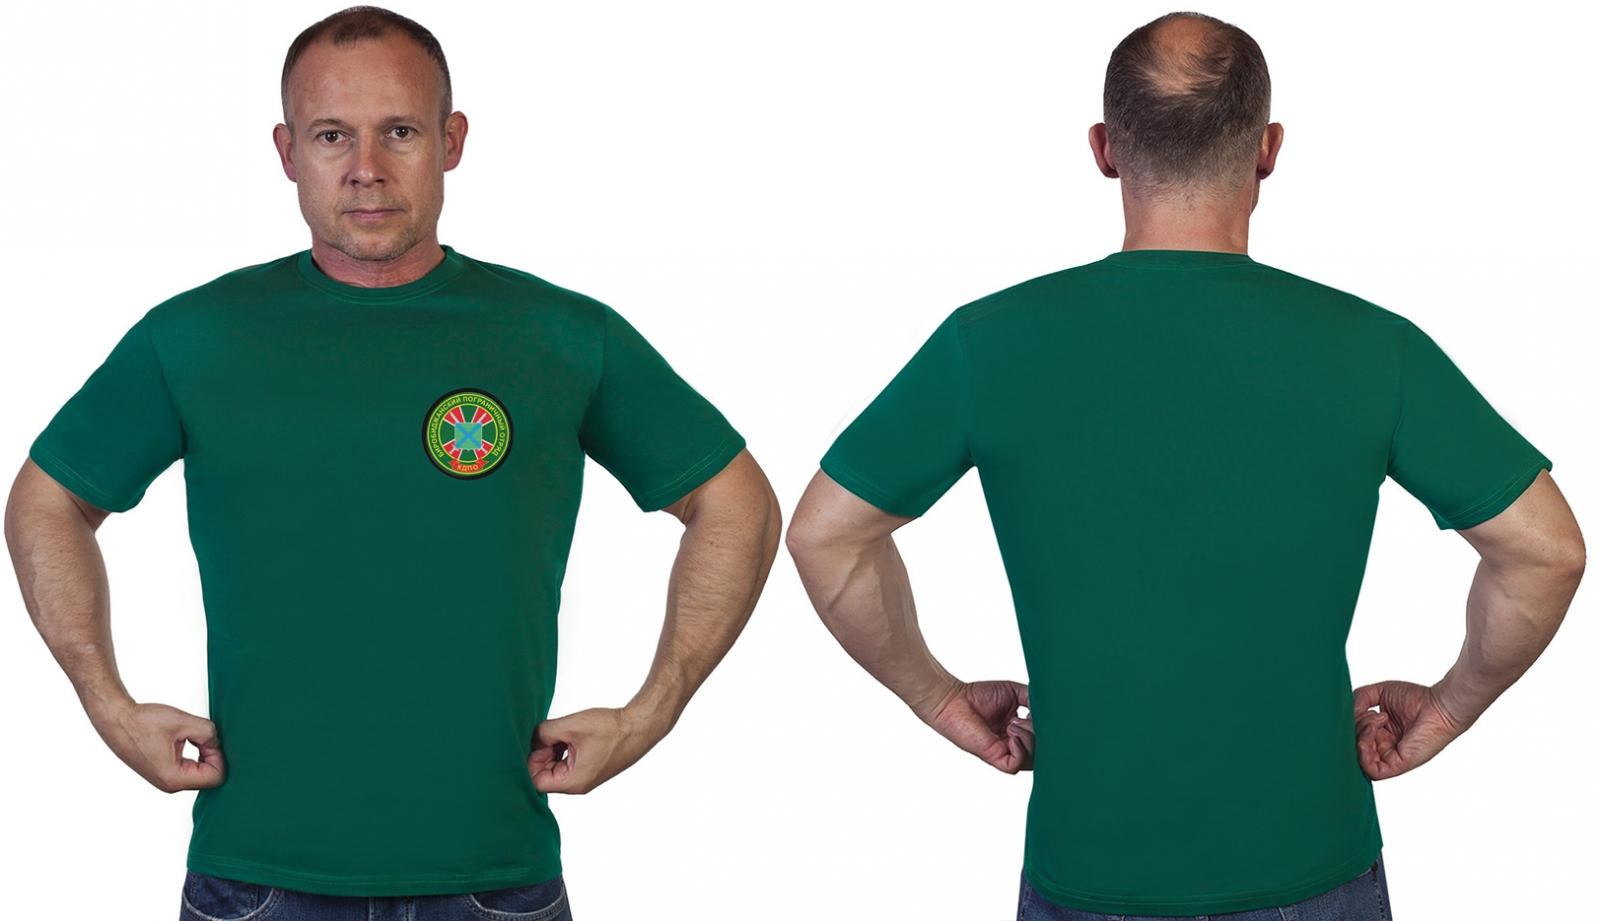 Зелёная футболка с шевроном Биробиджанского ПогО - в розницу и оптом